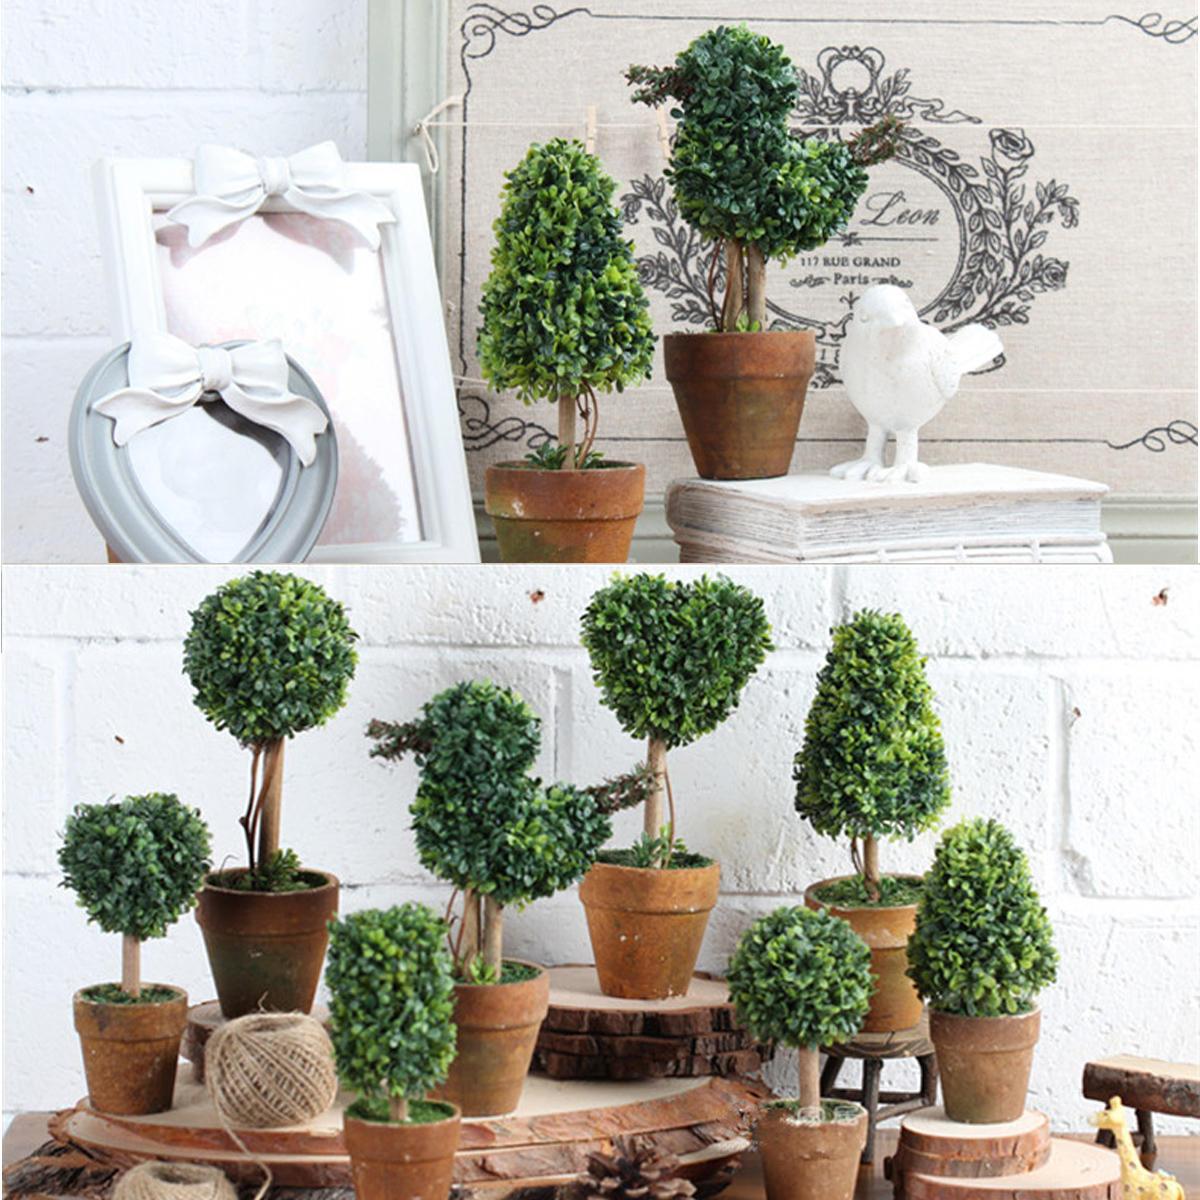 Vasi In Plastica Da Giardino.Decorazioni In Vaso Di Plastica Per Piante Da Giardino In Vaso Da